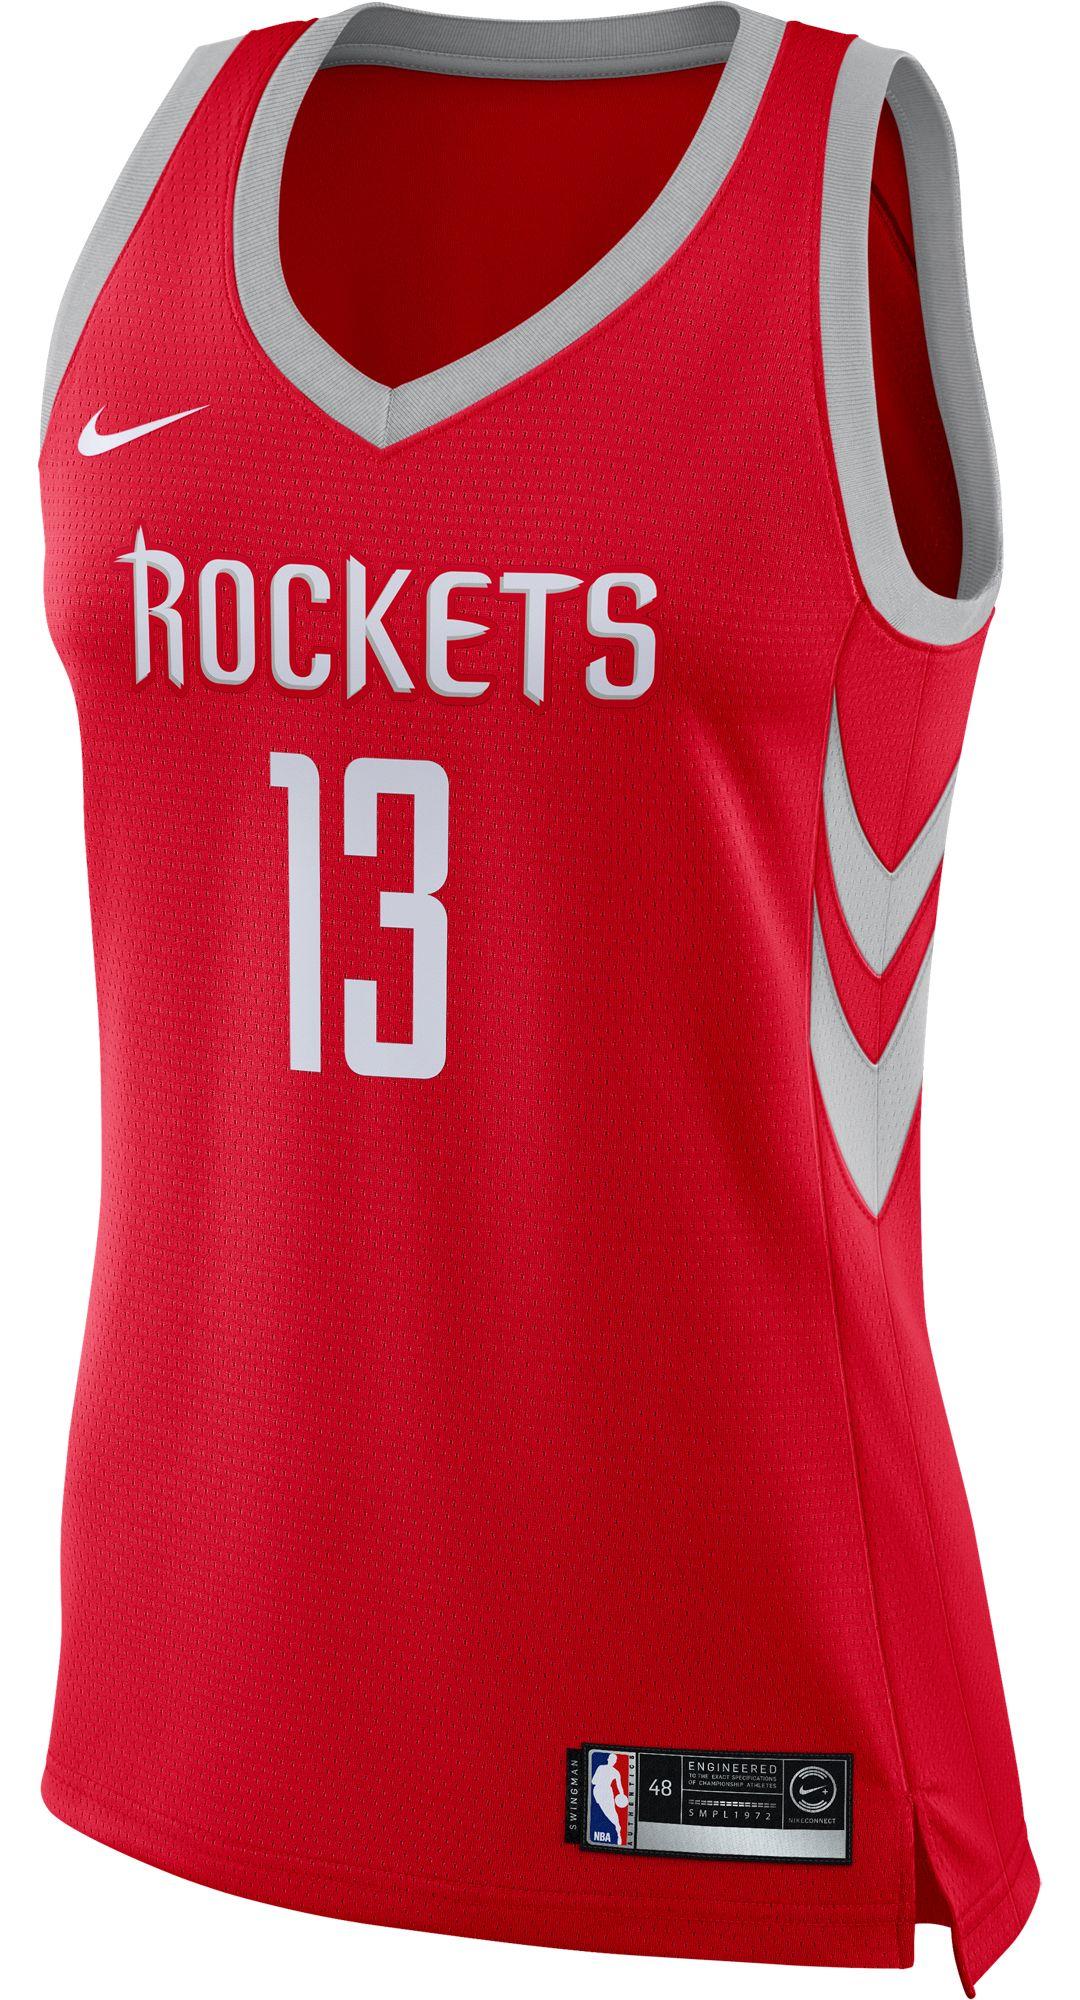 low priced 3ae8d 945f8 Nike Women's Houston Rockets James Harden #13 Red Dri-FIT Swingman Jersey